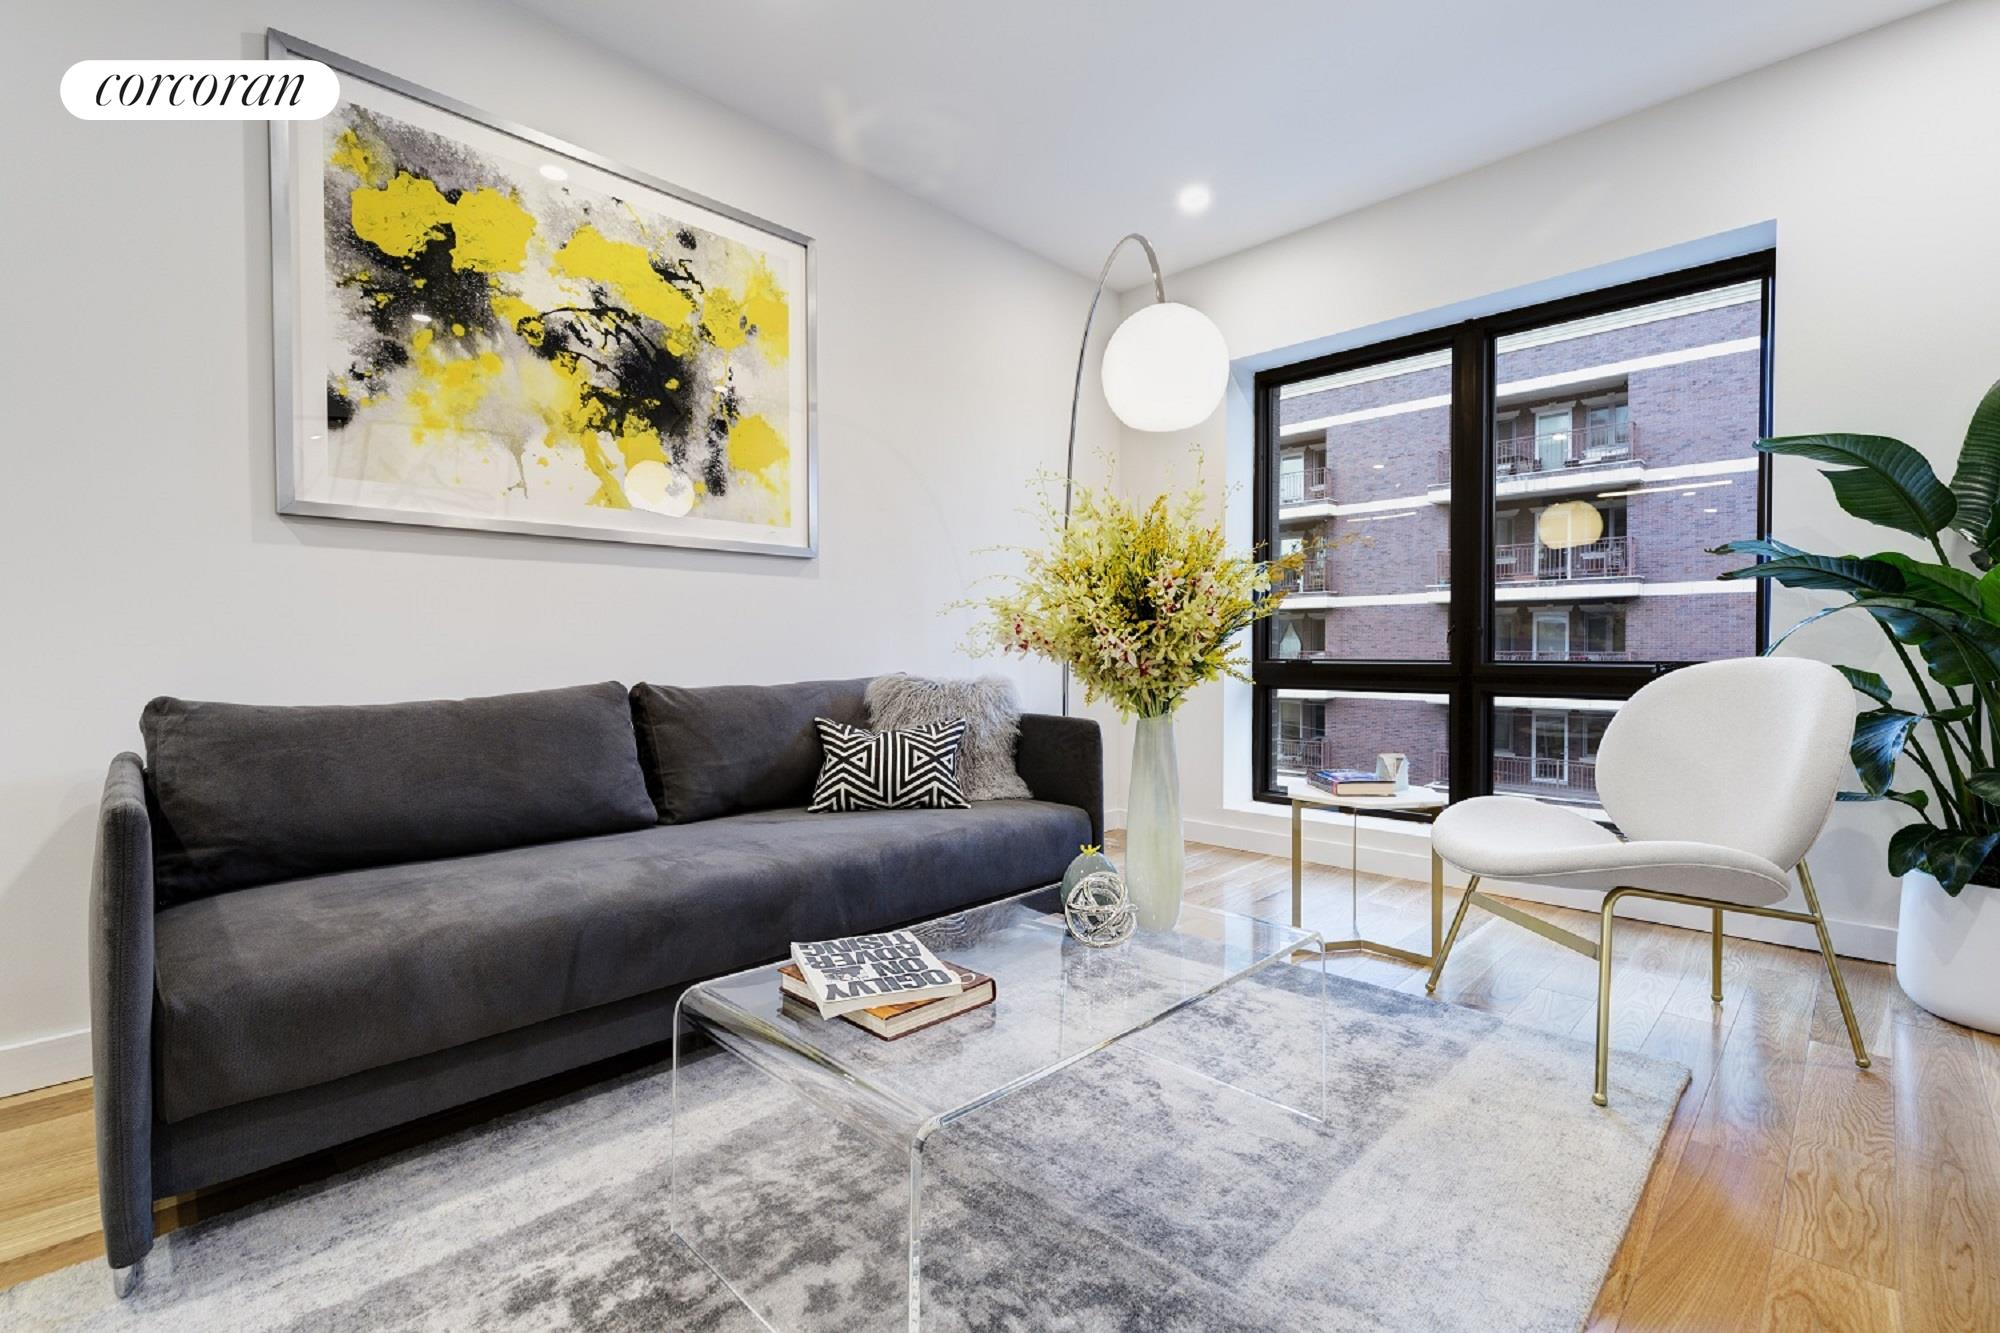 Condominium for Sale at Verona Condominium, 21-17 31st Avenue 4-E 21-17 31st Avenue Queens, New York 11106 United States